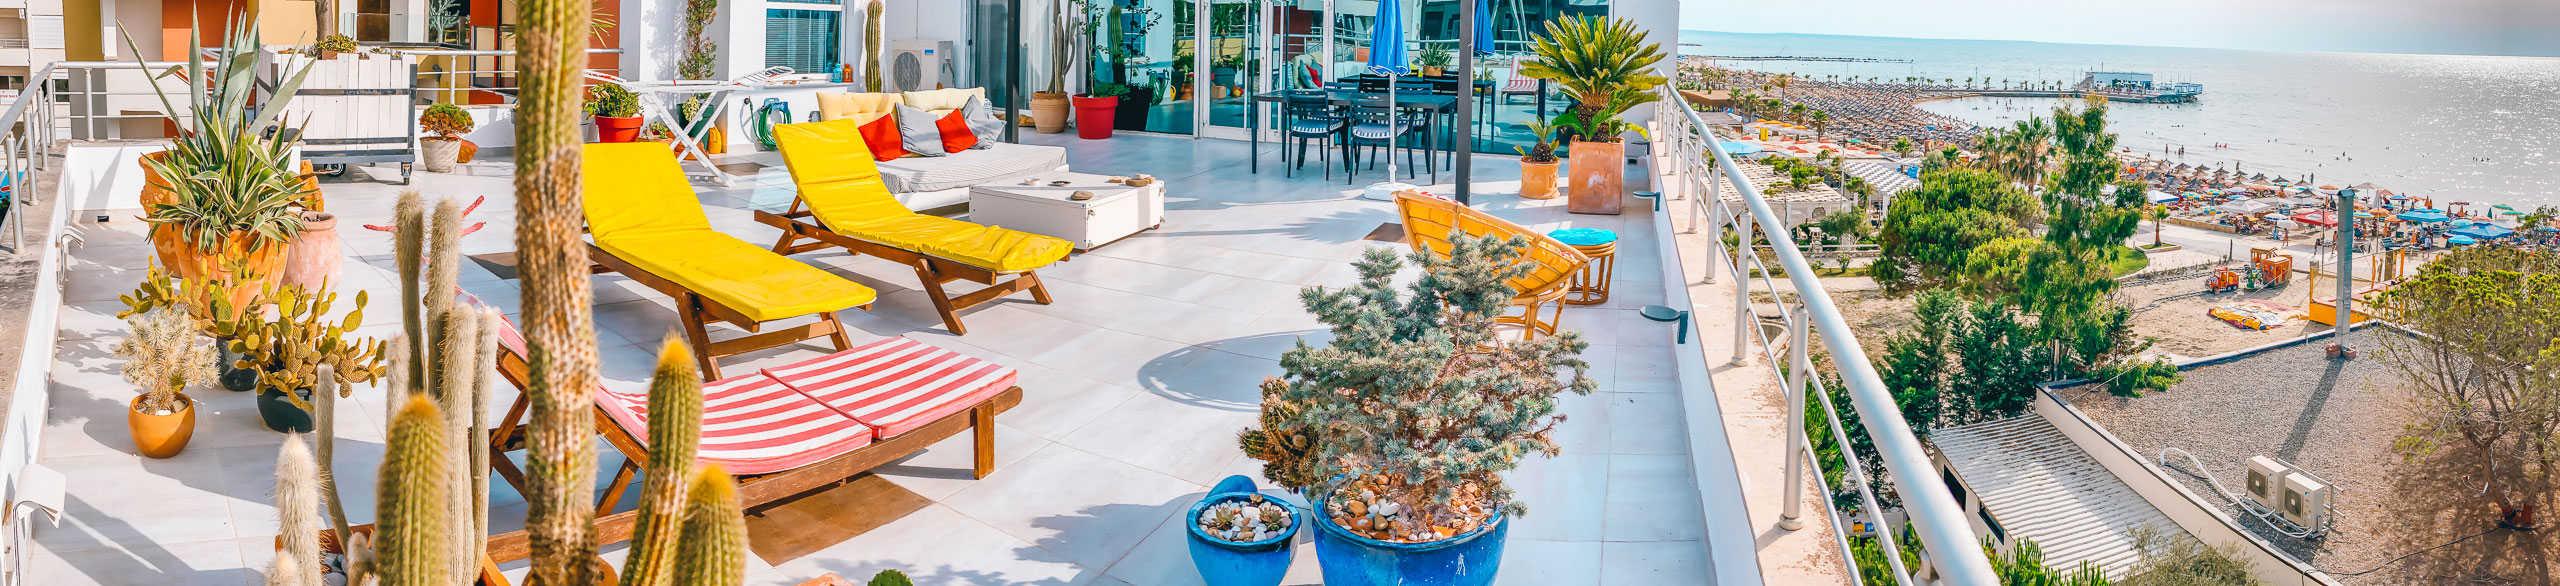 Apartments Bellavista urlop wakacje w Albanii Qerret Kavaje Durrës apartament do wynajęcia olbrzymi taras